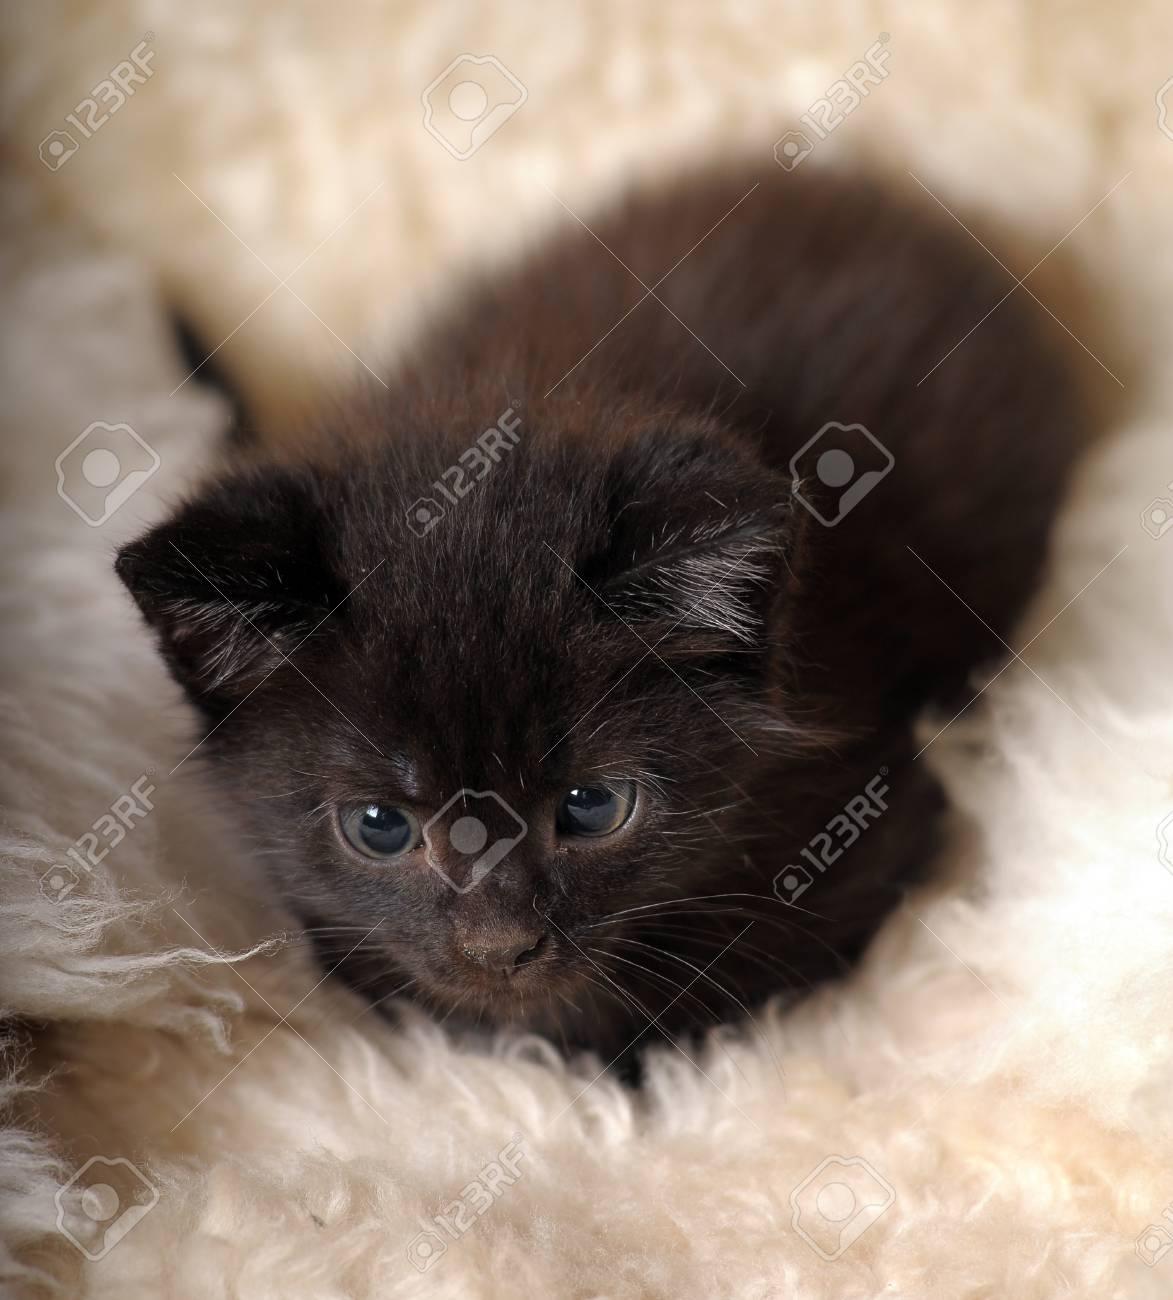 Immagini Stock Un Piccolo Gattino Nero Alletà Di Un Mese Image